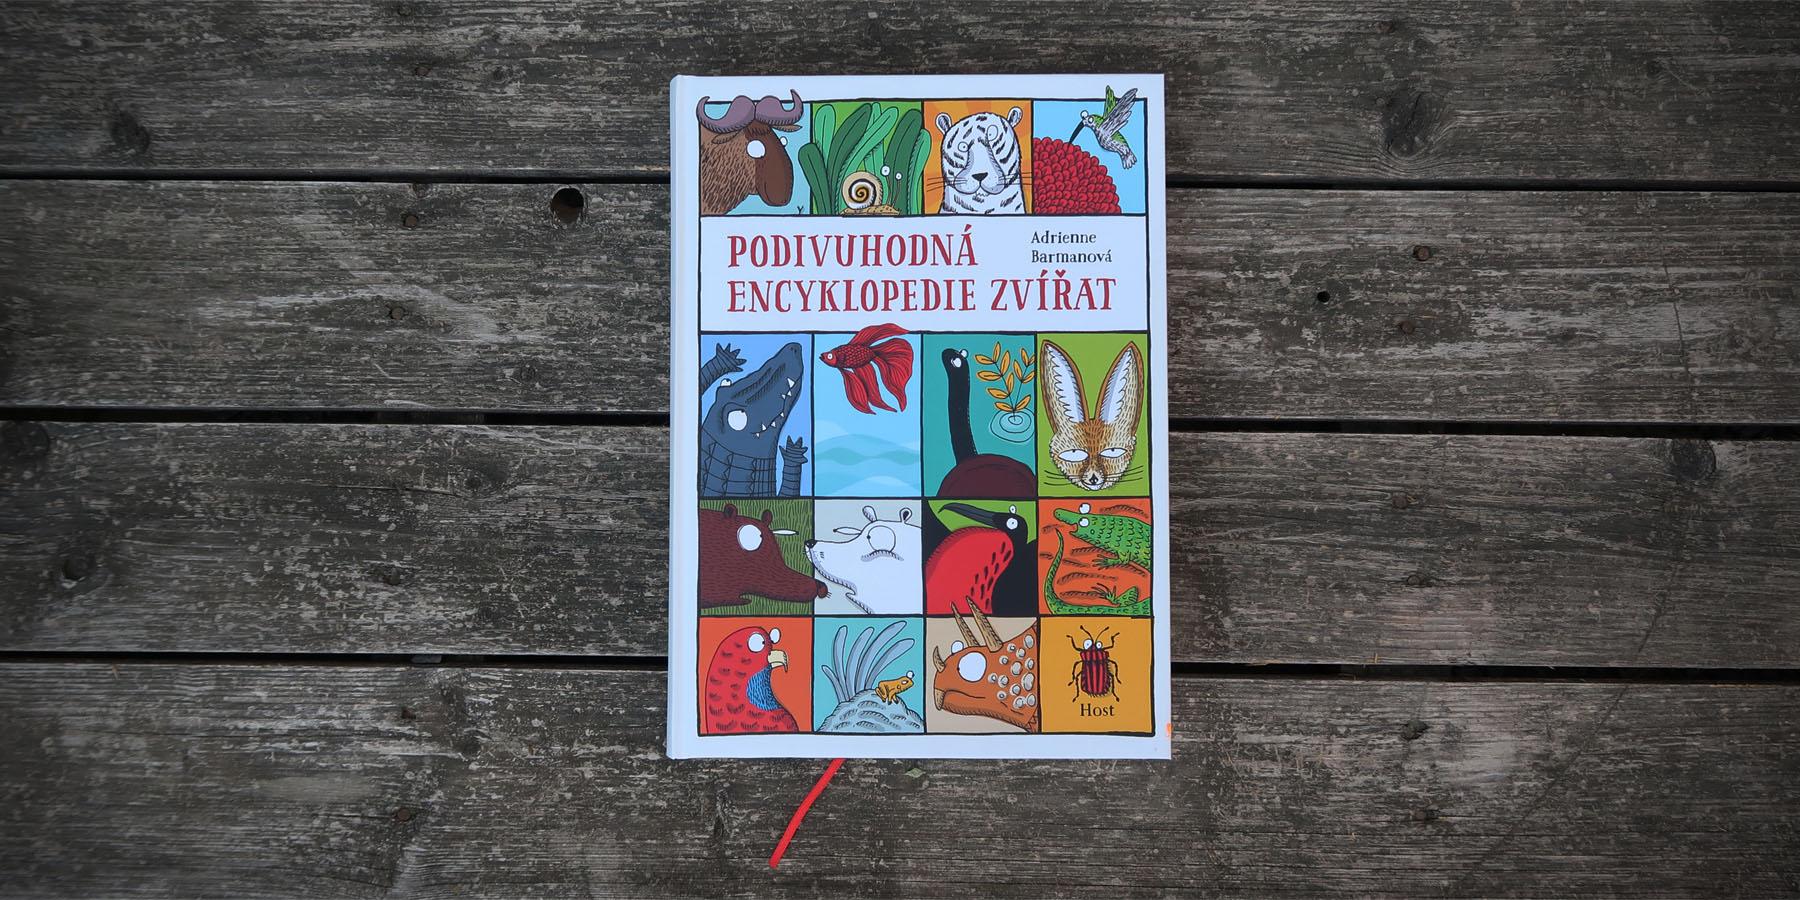 Podivuhodná encyklopedie zvířat